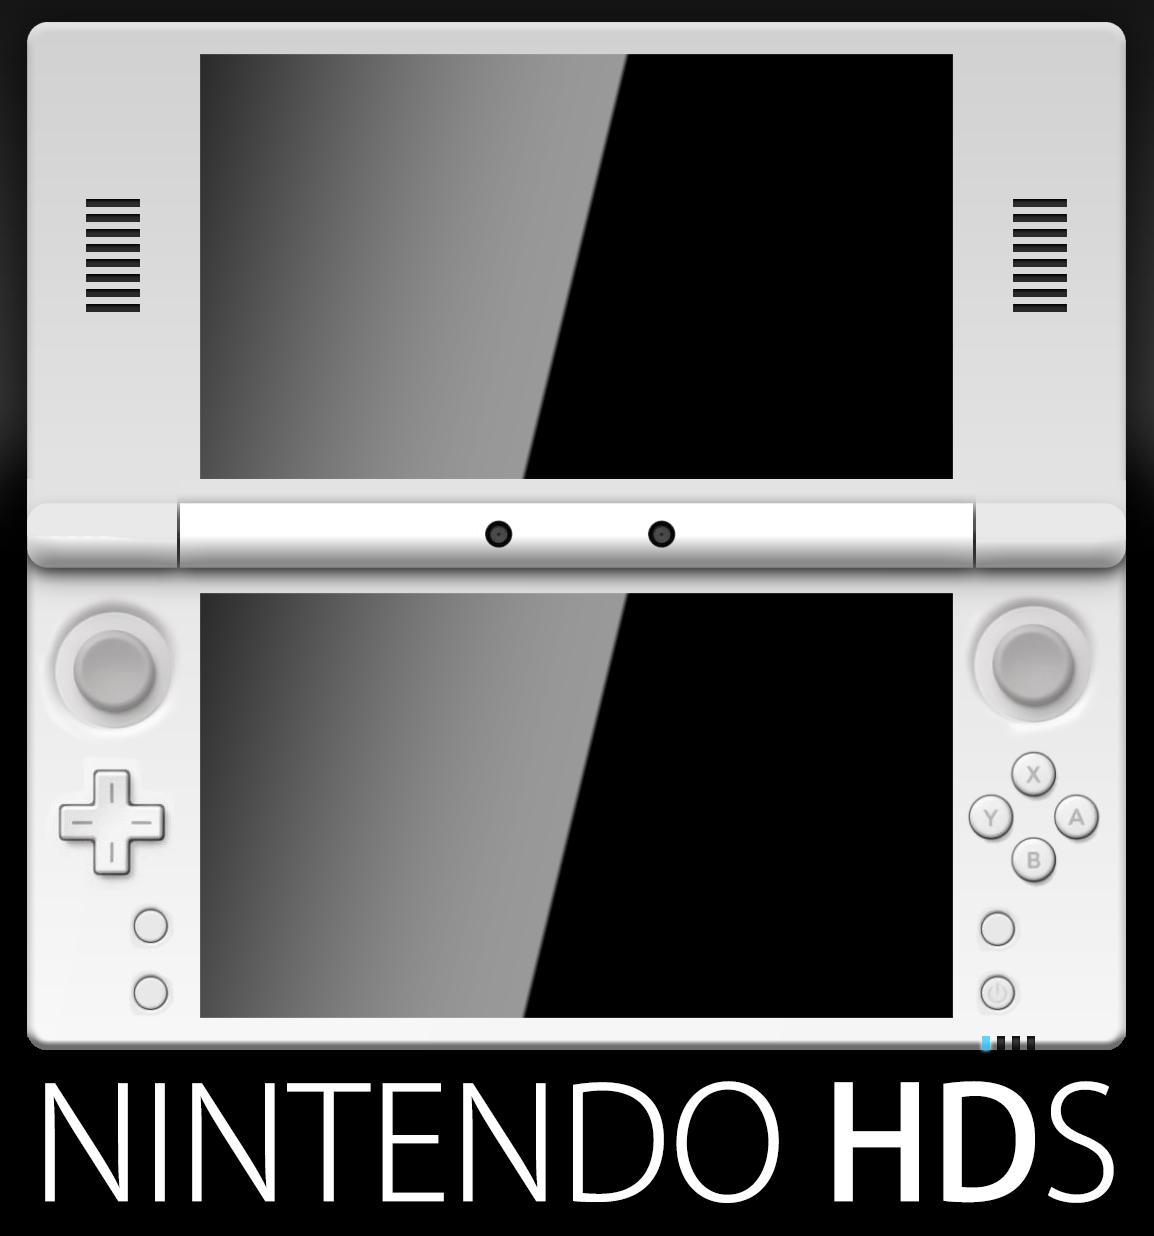 nintendo wii marketing mix concept Nintendo wii marketing plan essay examples nintendo marketing mix essay of the nintendo wii market in 2006 the concept for the original.